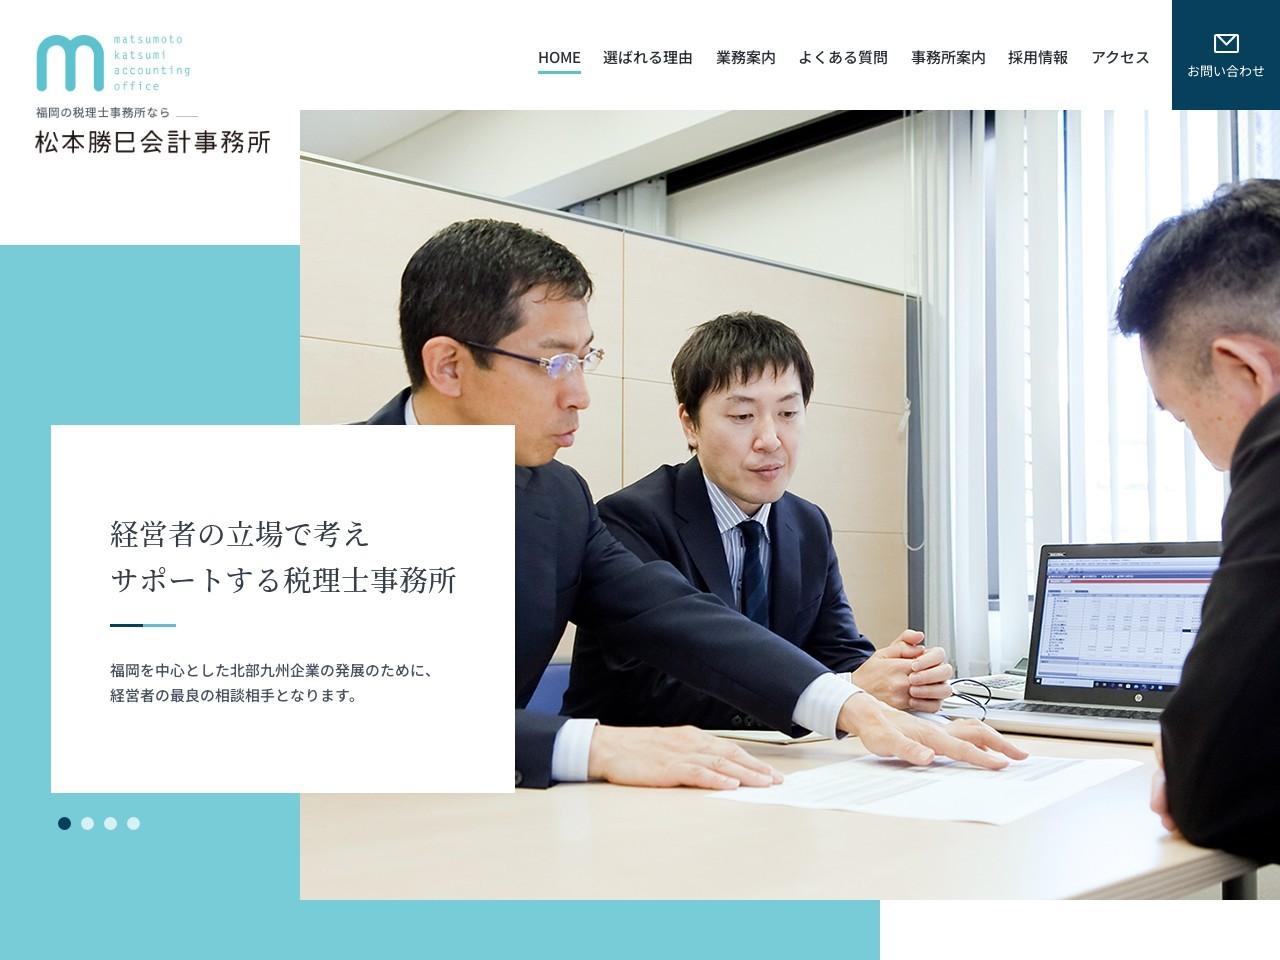 松本勝巳会計事務所